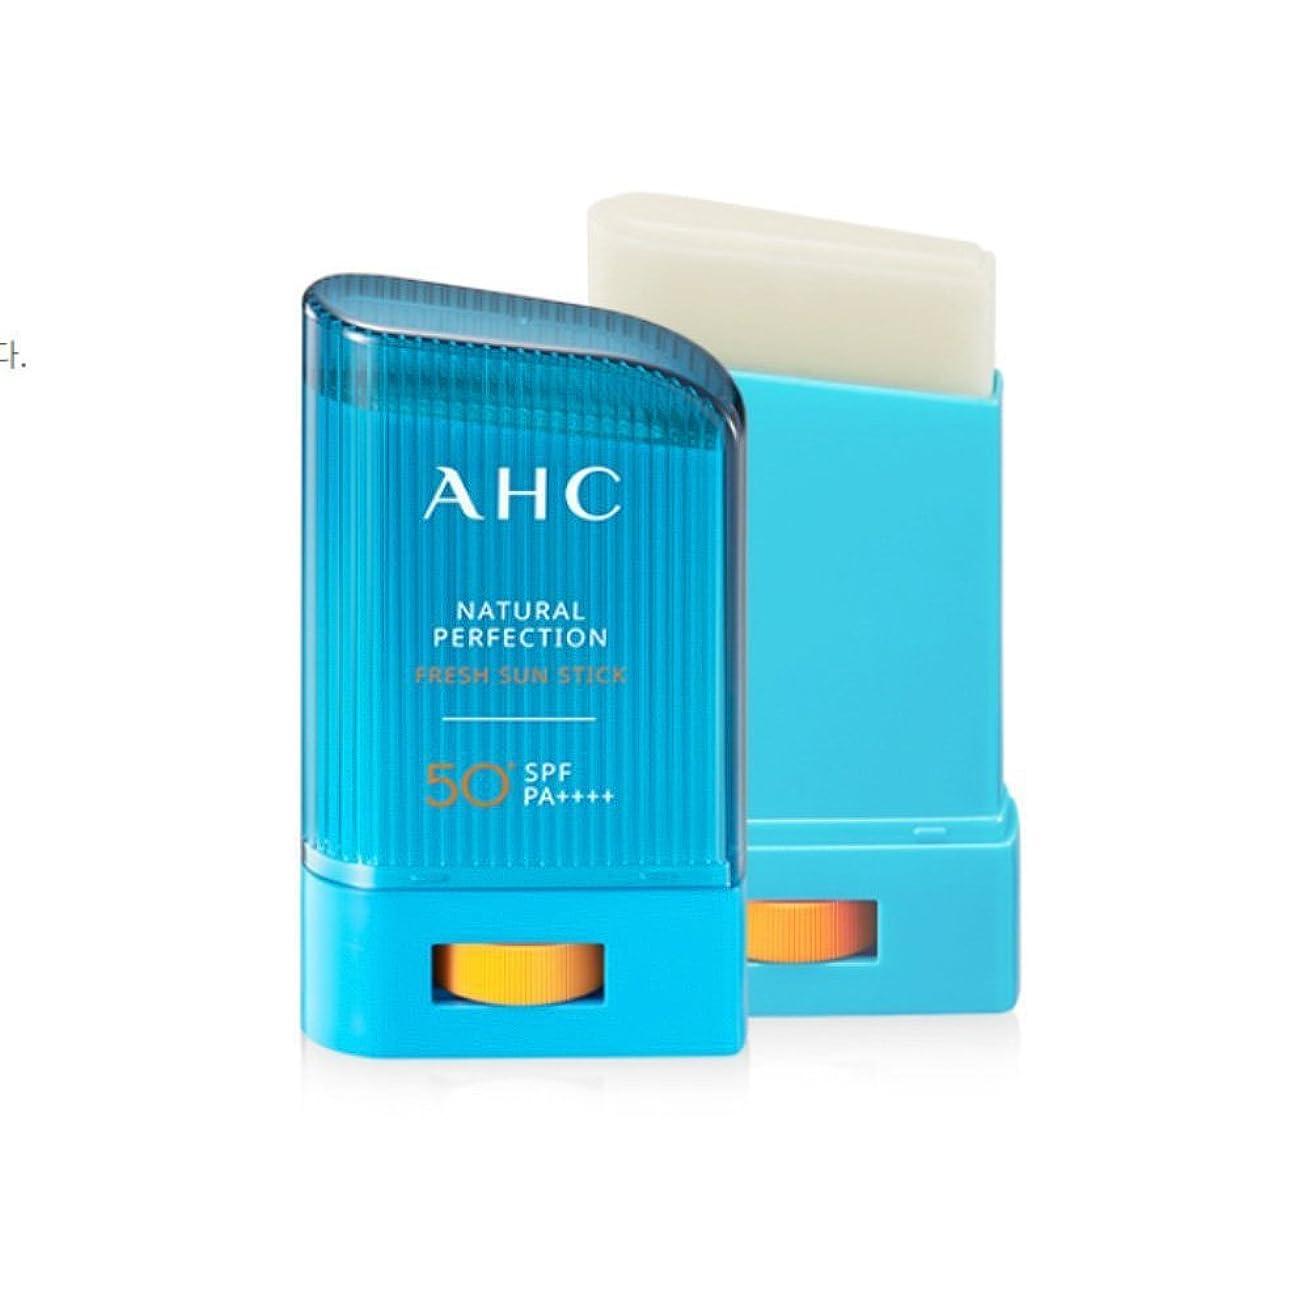 農業の後方に影響する2018年(Renewal) AHC ナチュラル サン スティック 22g/AHC Natural perfection fresh sun stick (22g) [並行輸入品]